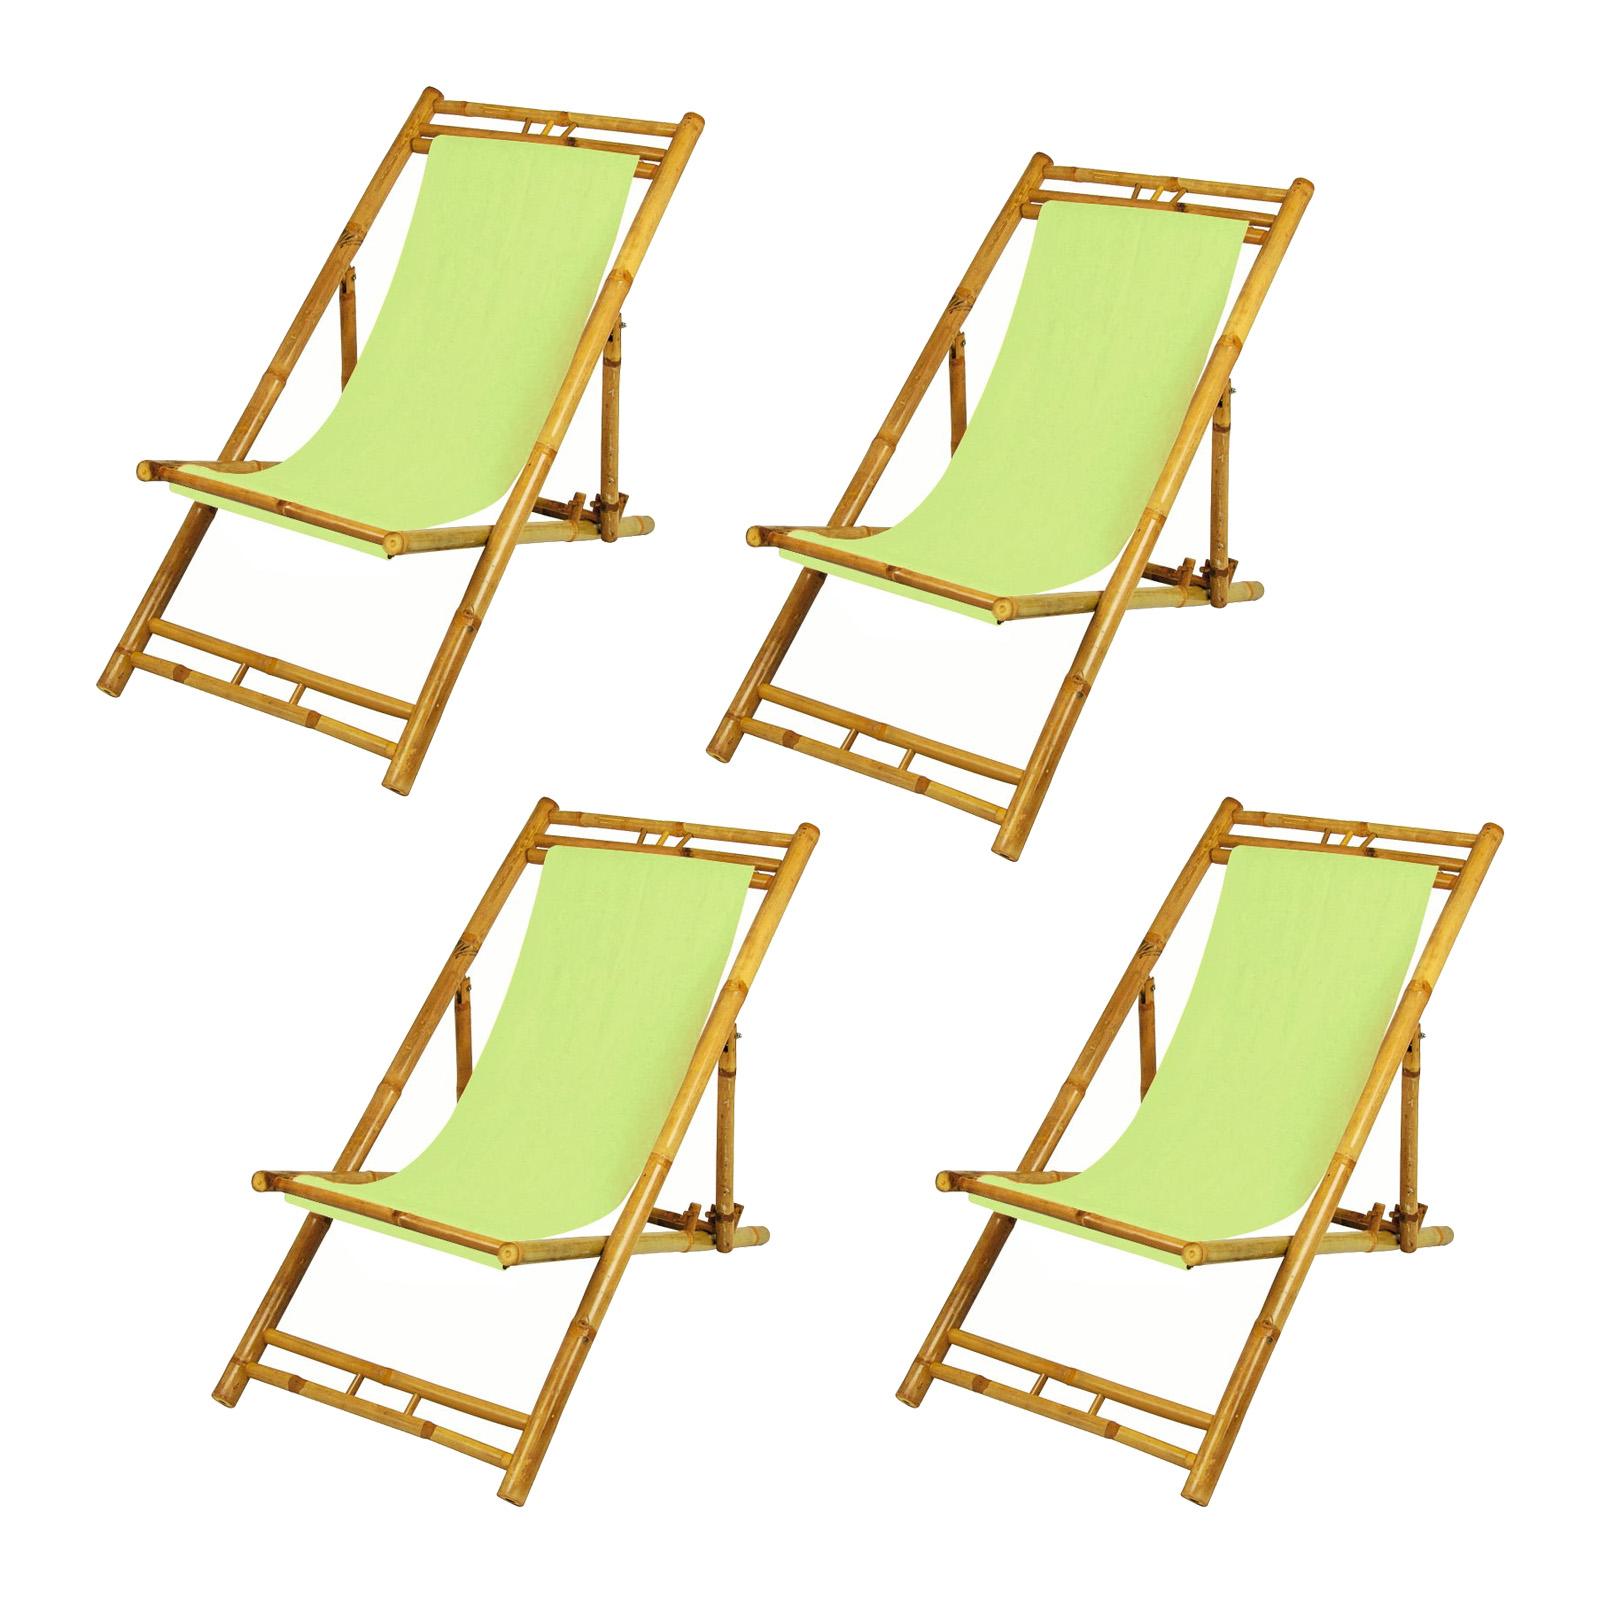 Full Size of Garten Liegestuhl Holz Obi Metall Klappbar Bauhaus Lidl Ikea Alu Lafuma Paket 4bambus Relaliegestuhl Stuhl Sonnenliege Kletterturm Sitzgruppe Jacuzzi Garten Garten Liegestuhl